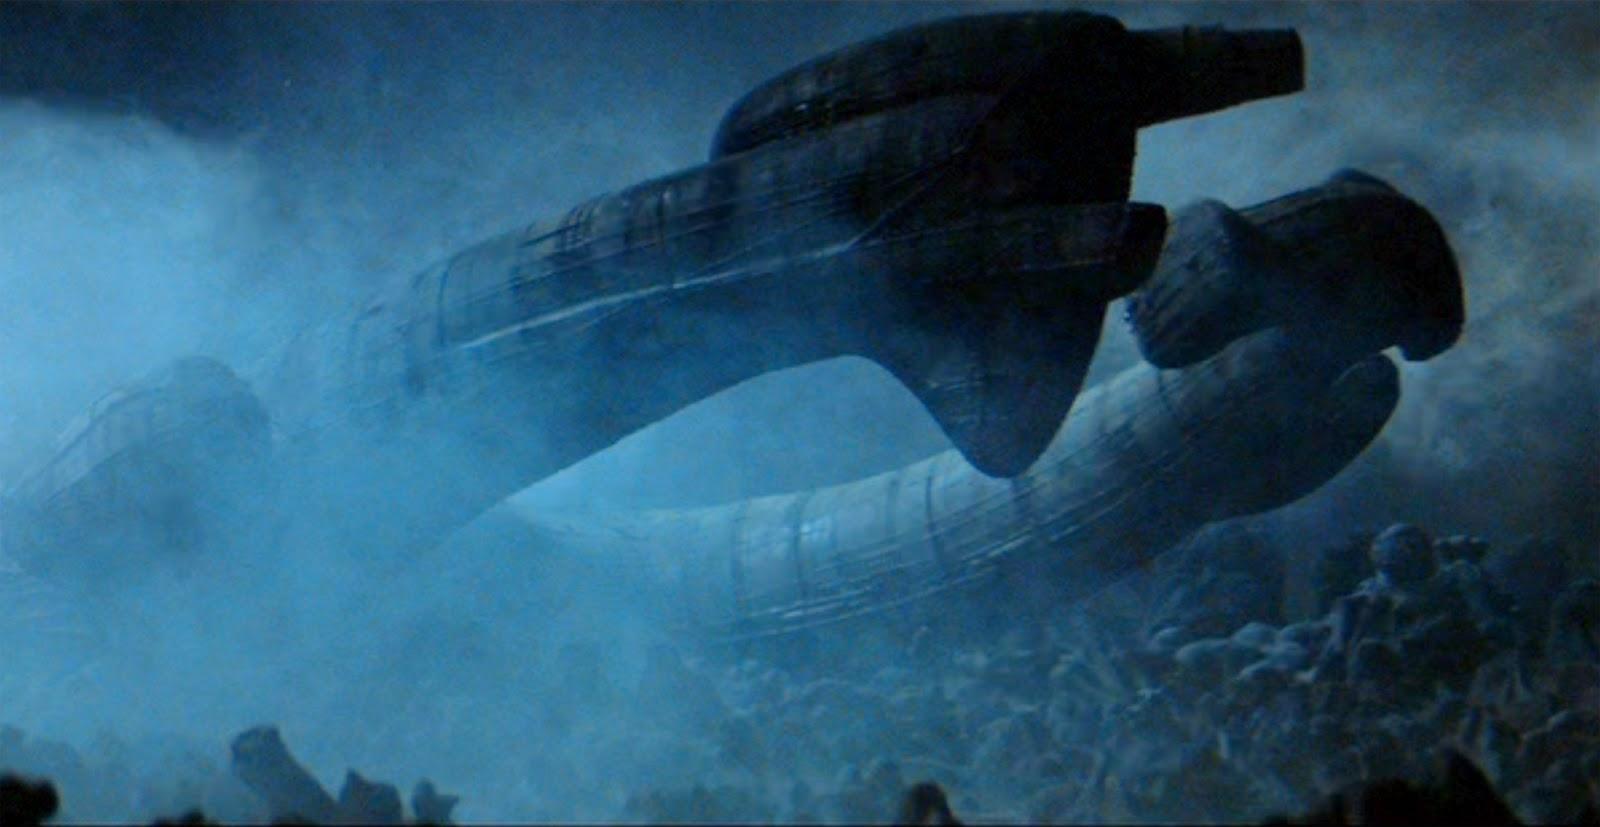 alien spaceship alien spaceship clipart alien spaceship beam alien ...